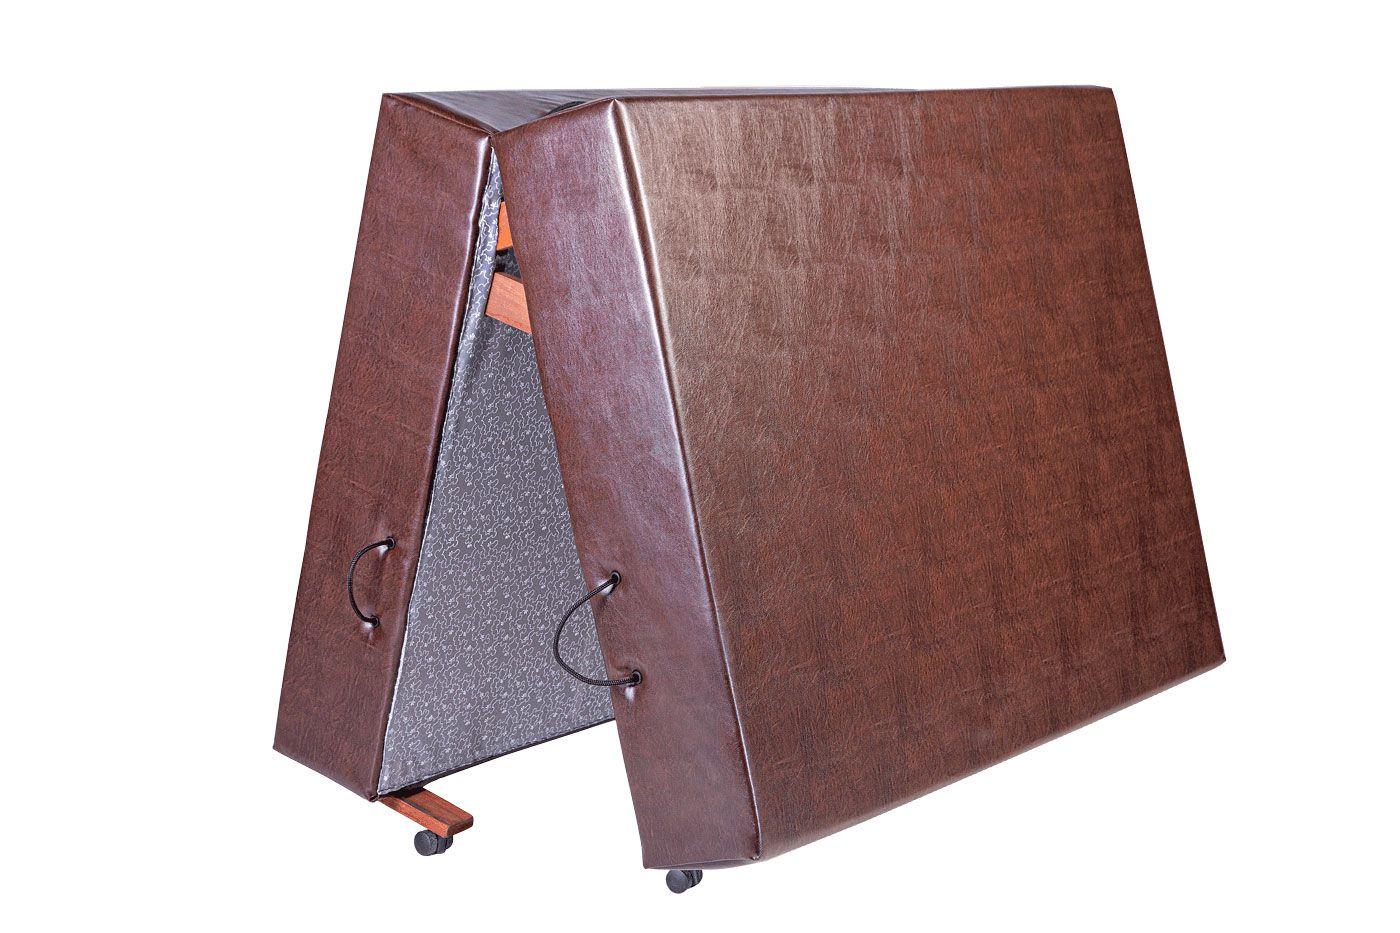 Cama Dobrável, Casal de Abrir com Colchão Embutido 130cm x 190cm CORINO Kenko Premium  - Kenko Premium Colchões